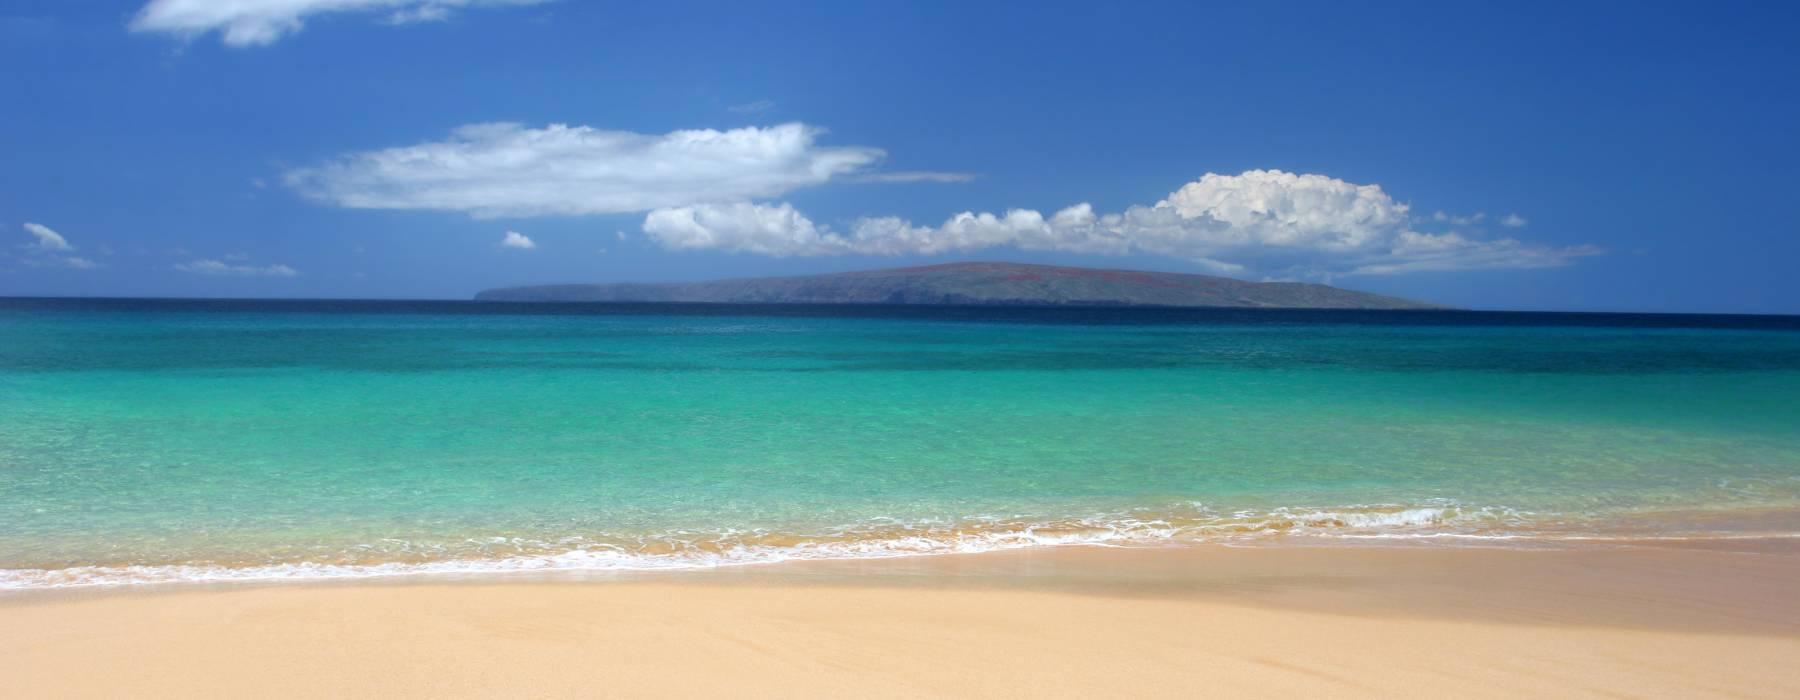 White Sand Beach on Maui Hawaii